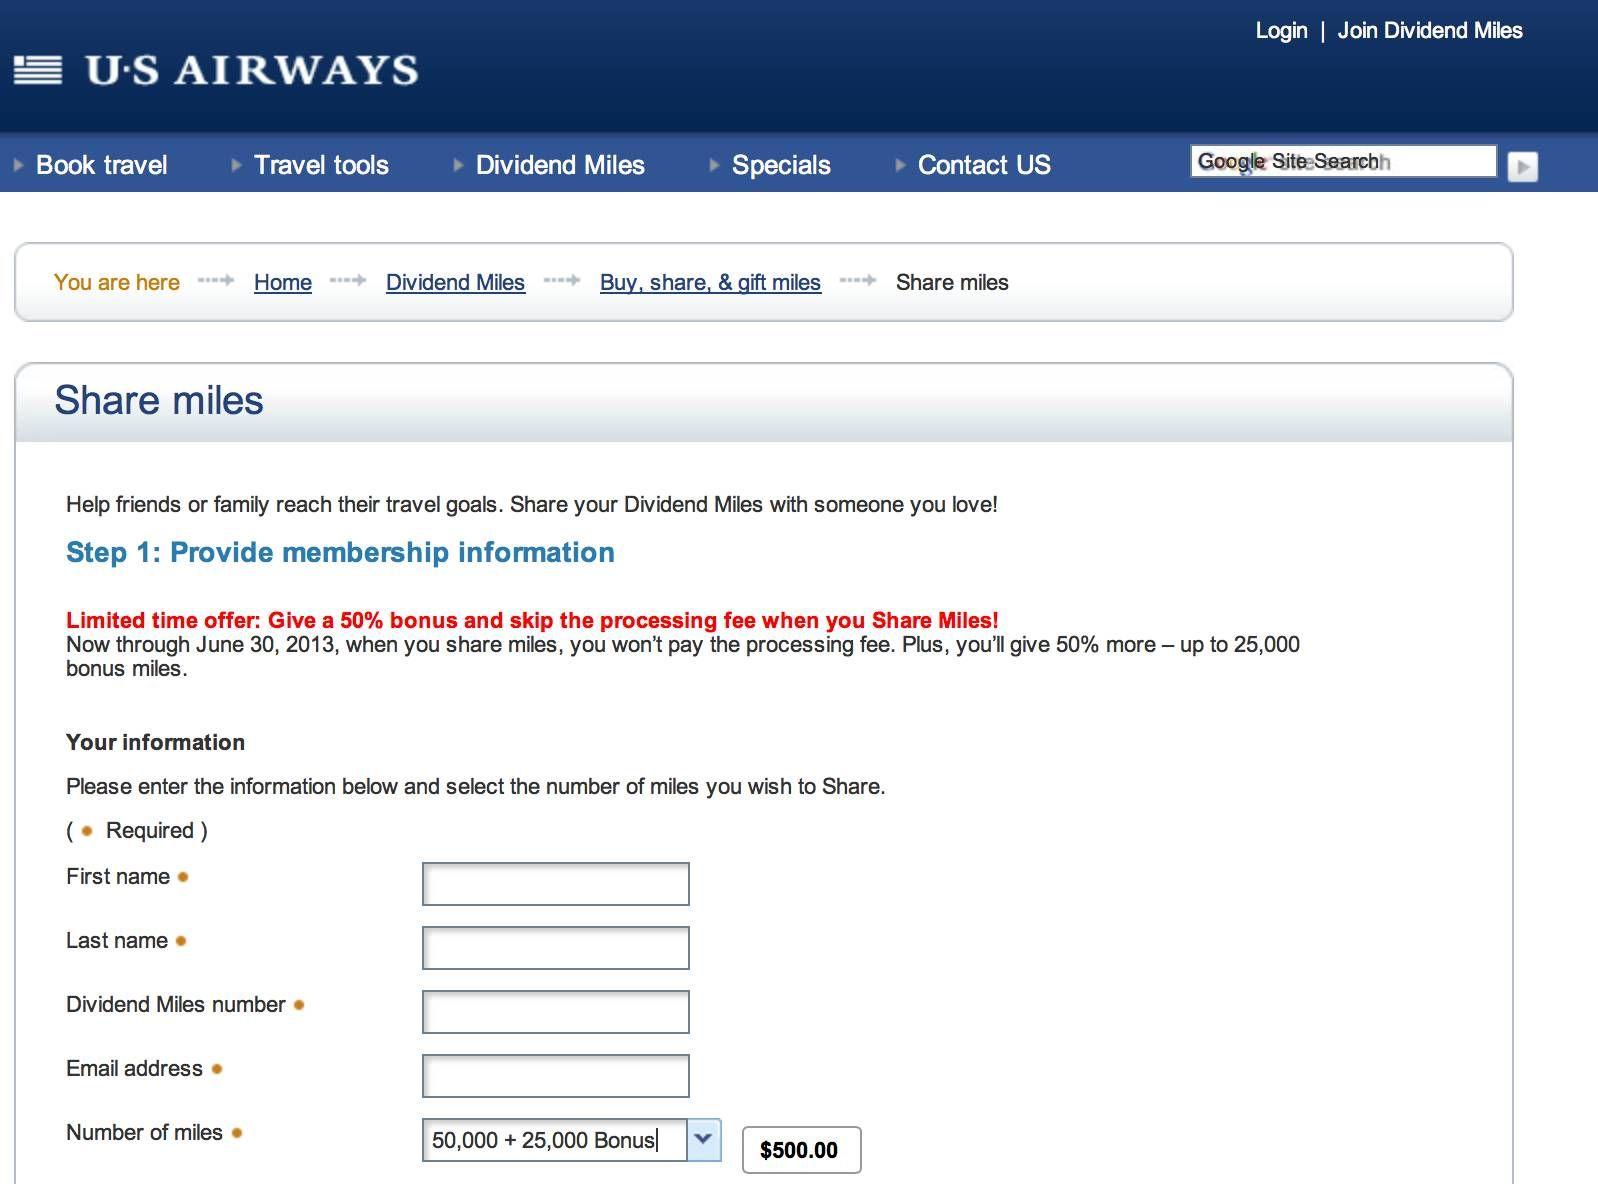 US Airways faz promoção para compartilhamento de milhas